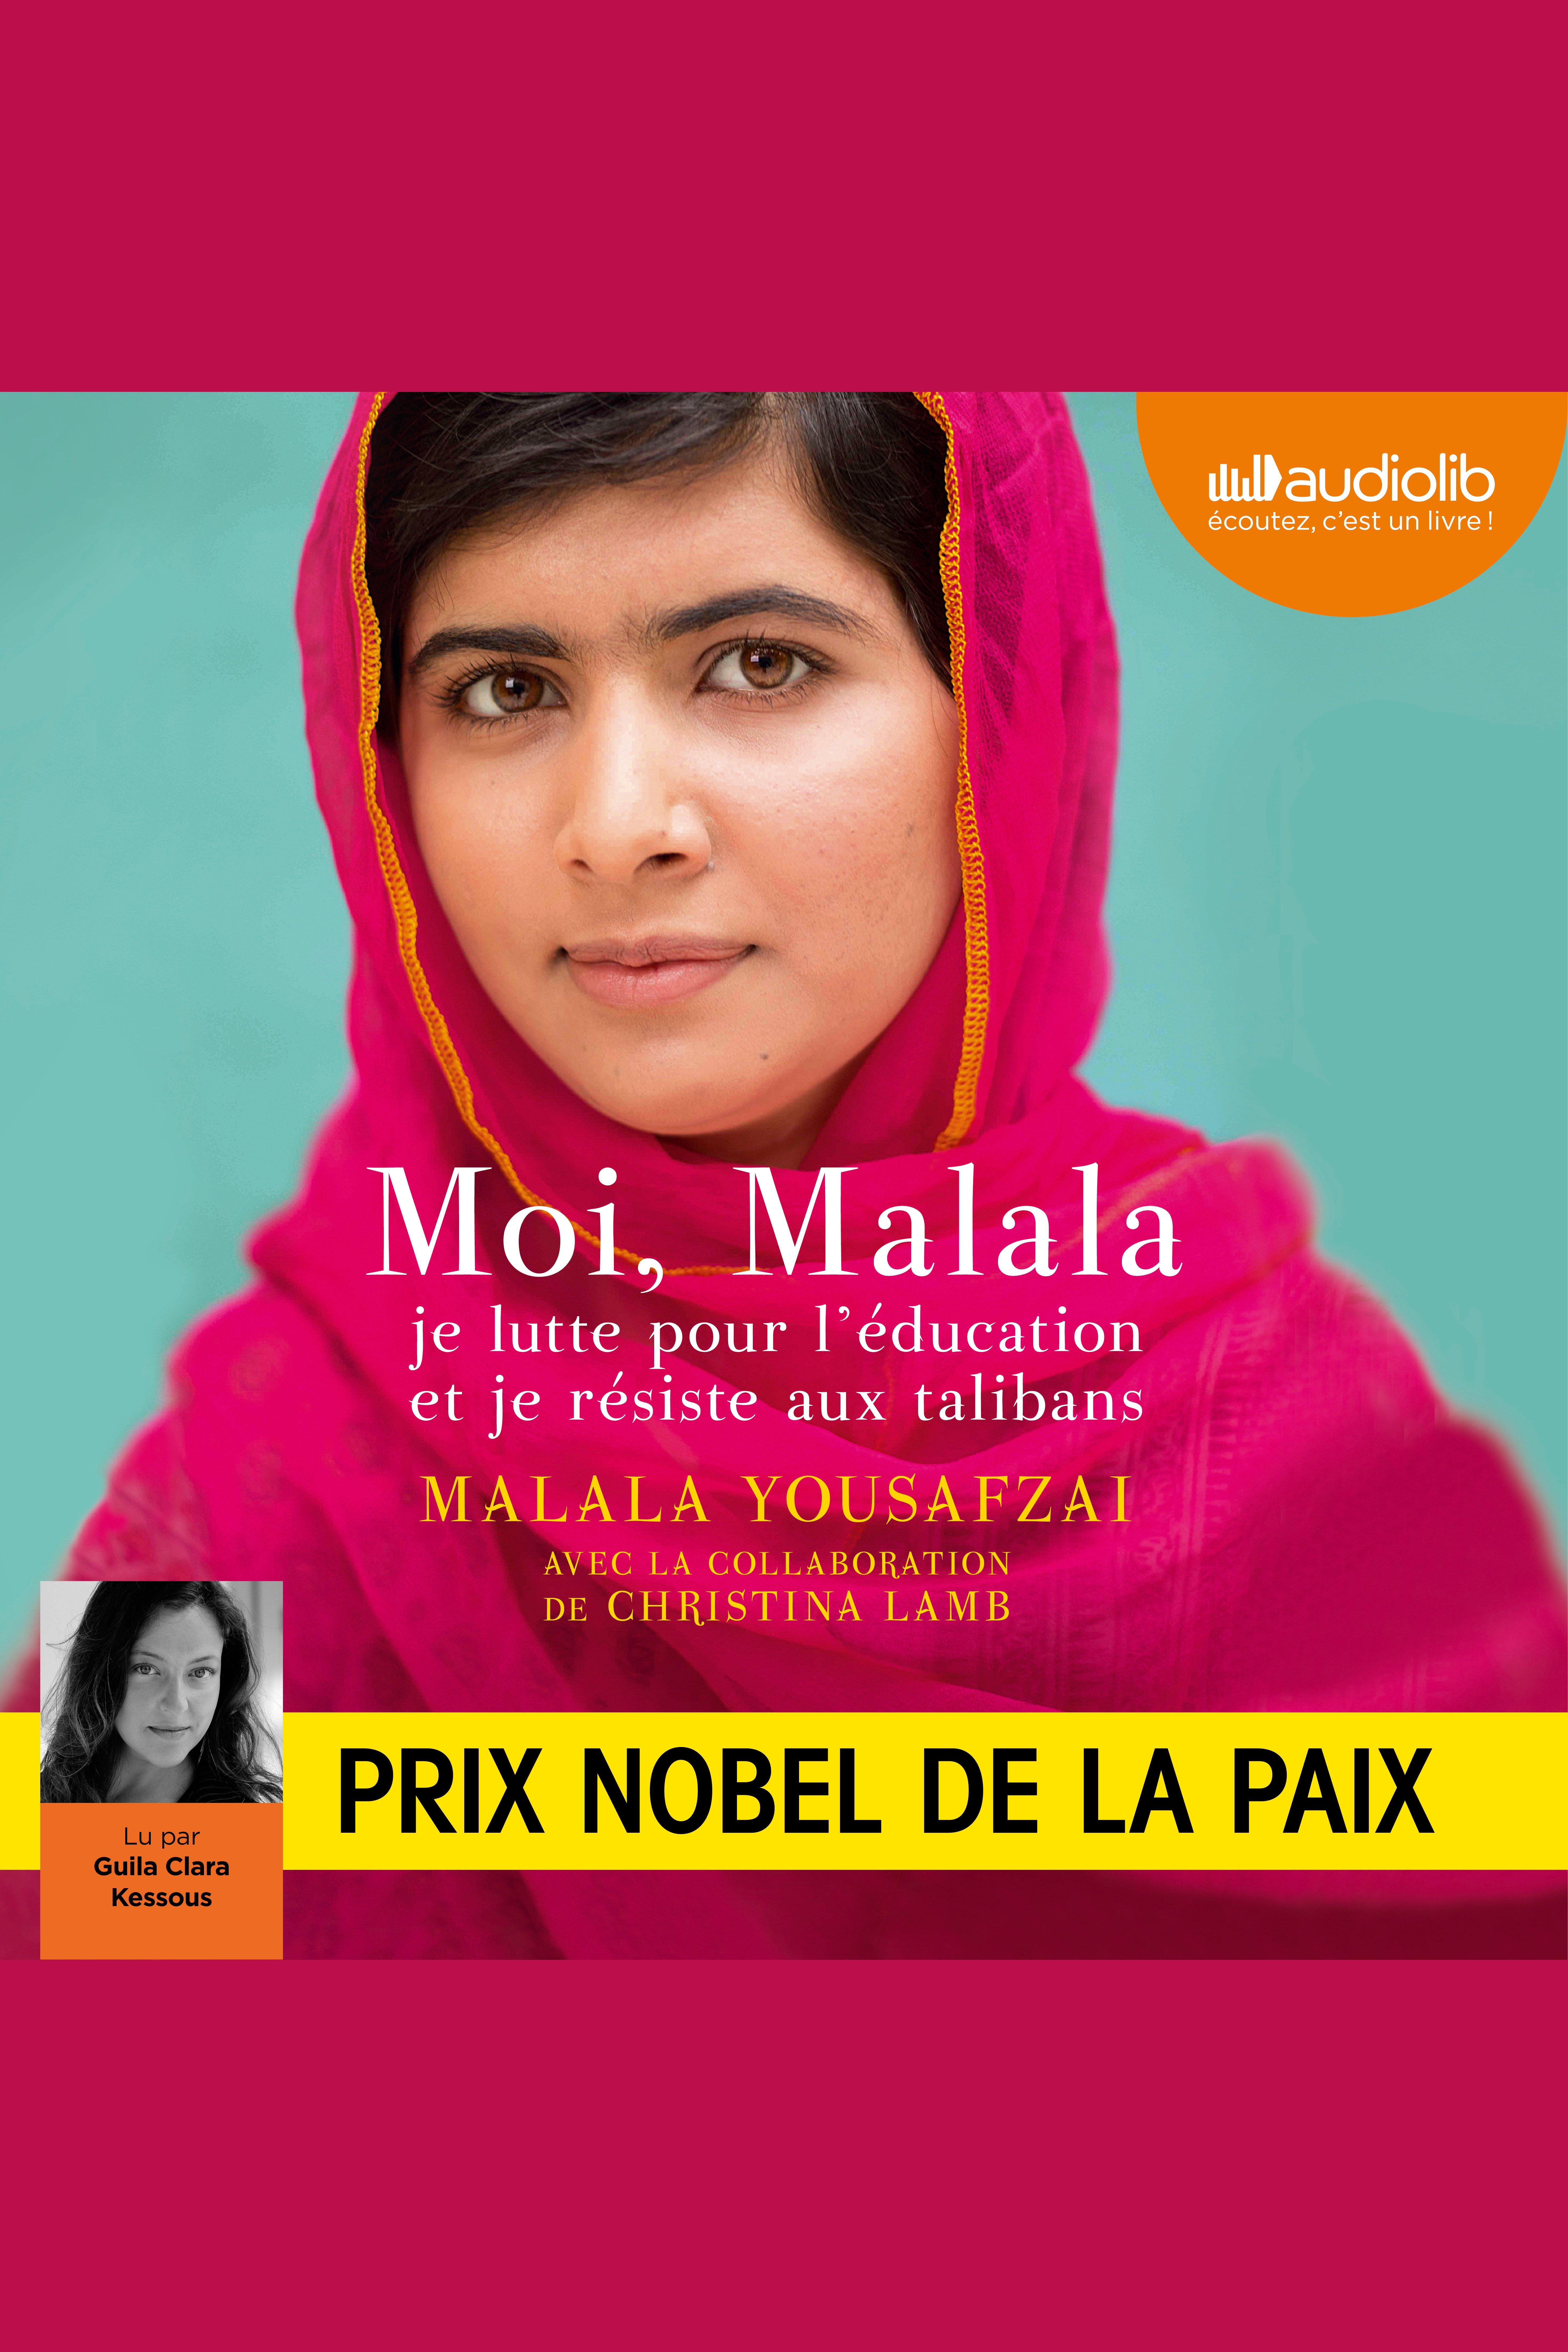 Image: Moi, Malala